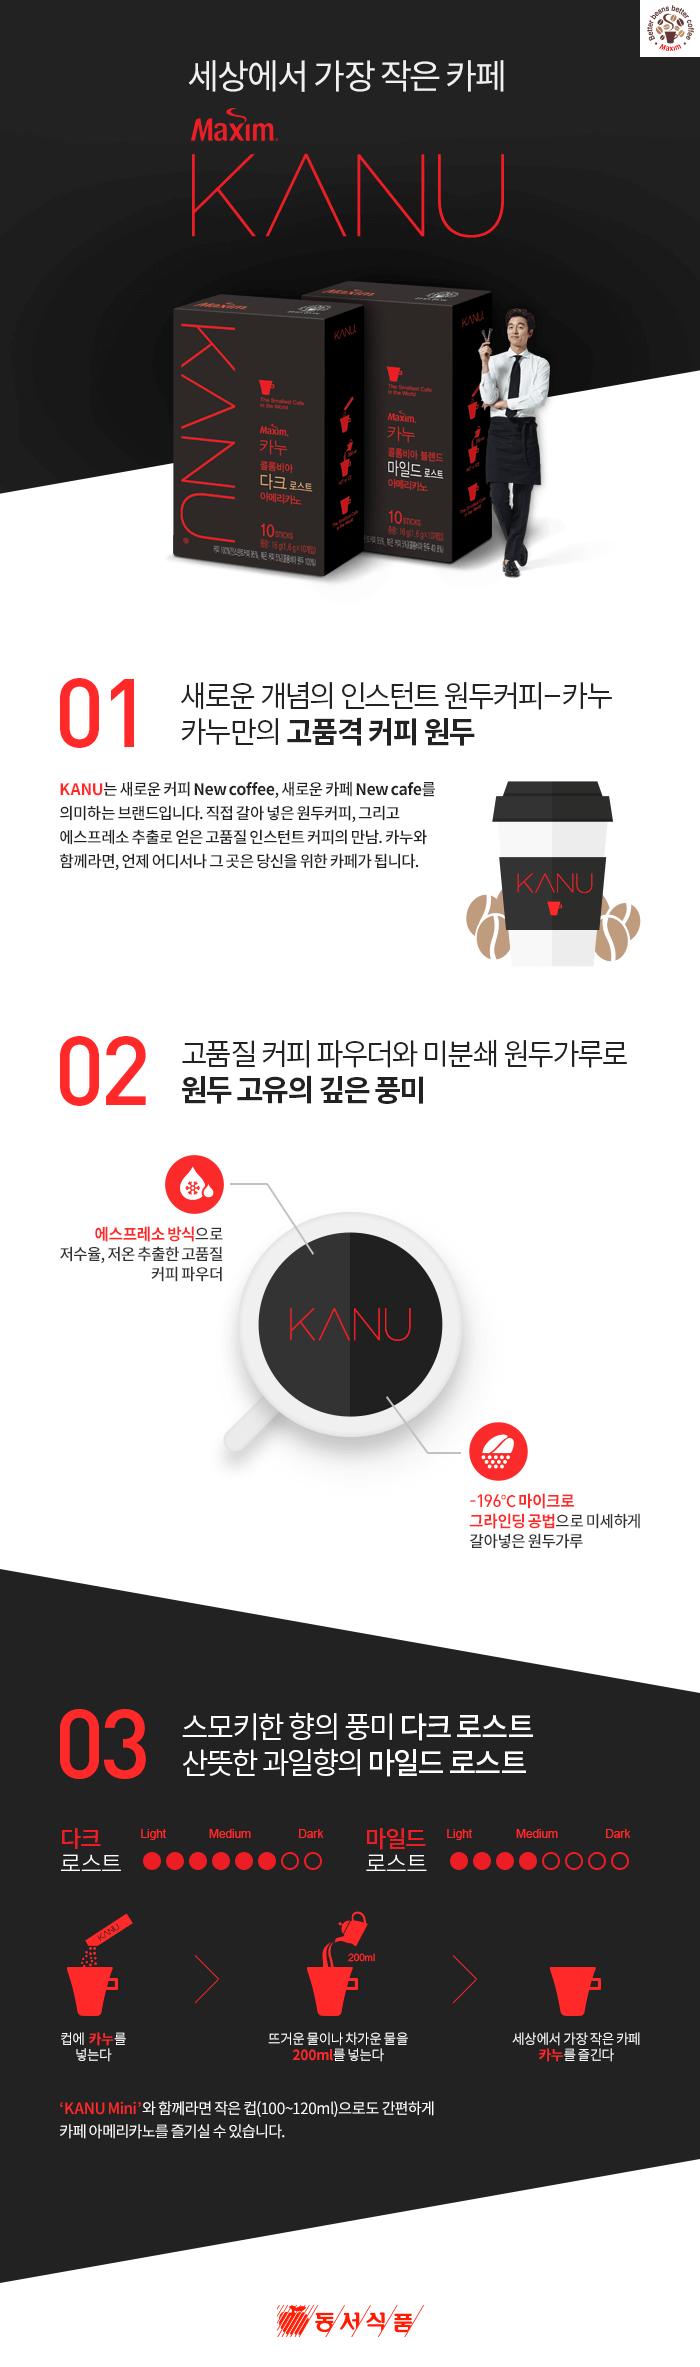 [동서식품]카누.png